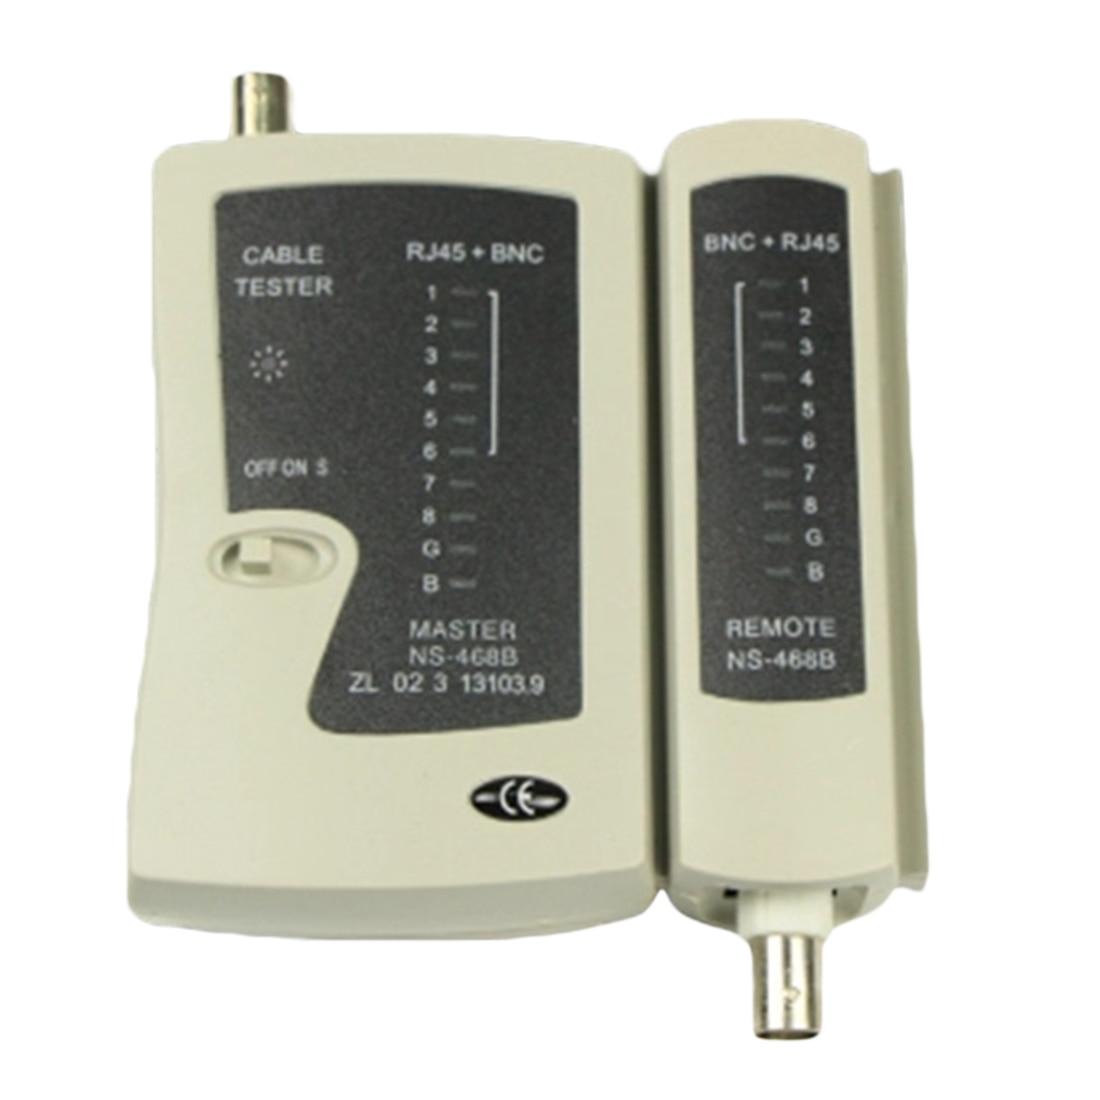 NOYOKERE offre spéciale RJ45 RJ11 RJ12 CAT5 CAT 6 haute qualité UTP réseau Lan testeur de câble outil de Test